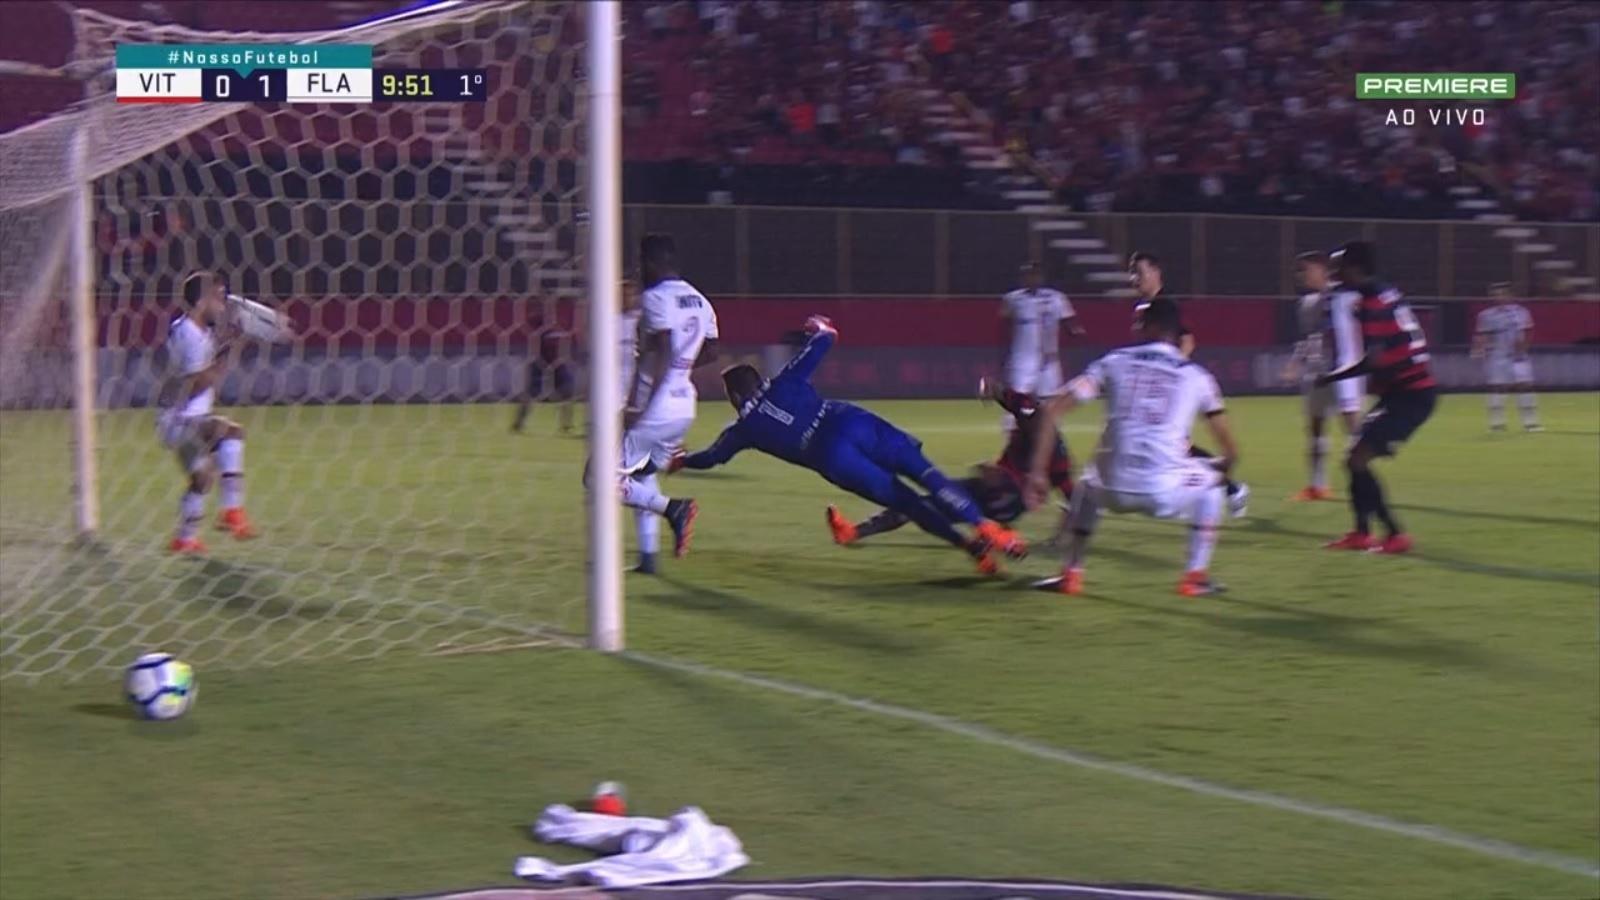 Bola acerta o rosto de Everton Ribeiro, que é expulso erroneamente por toque de mão